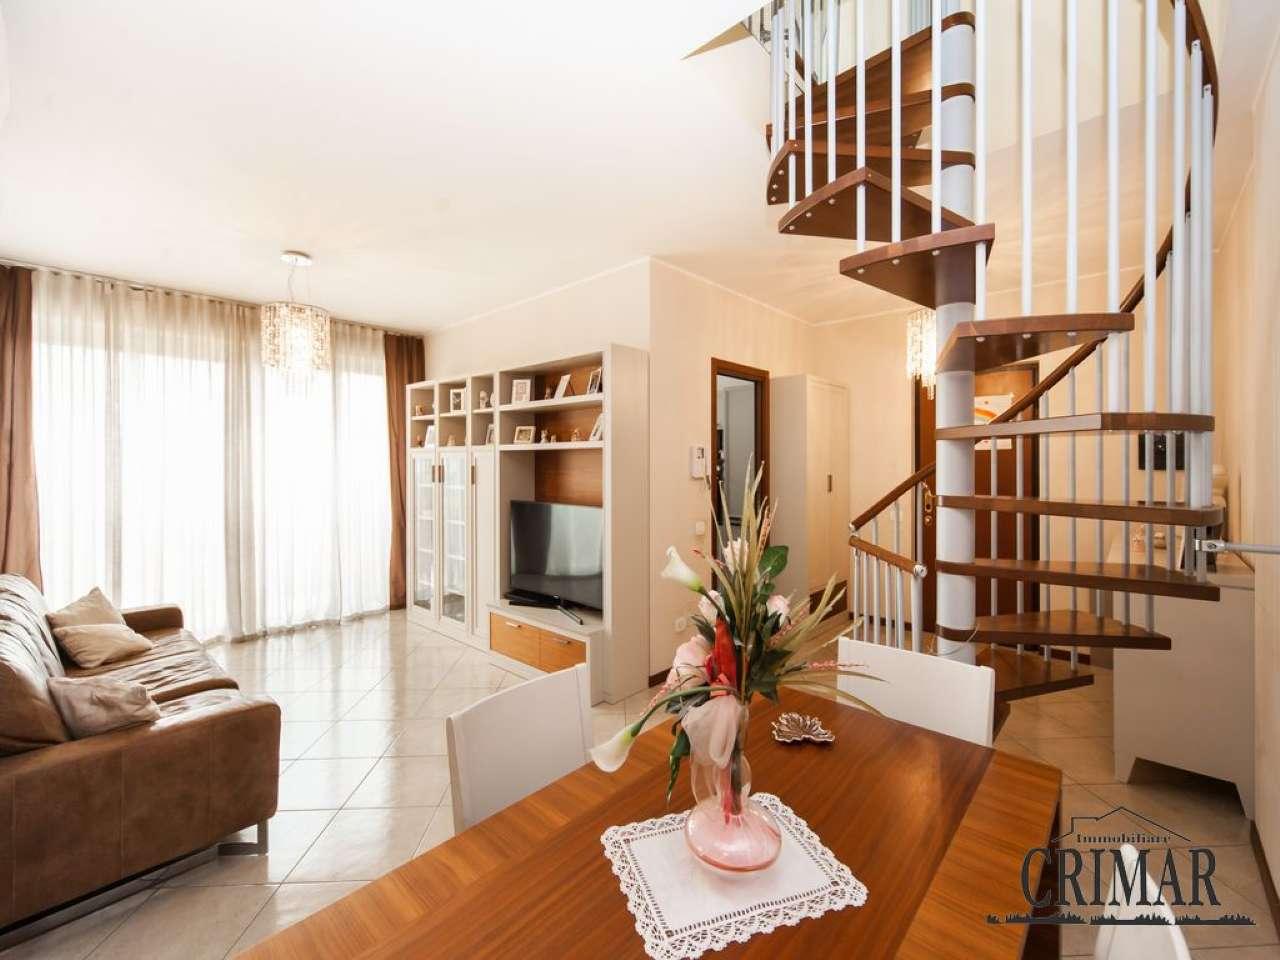 Appartamento in vendita a Muggiò, 4 locali, prezzo € 265.000 | PortaleAgenzieImmobiliari.it